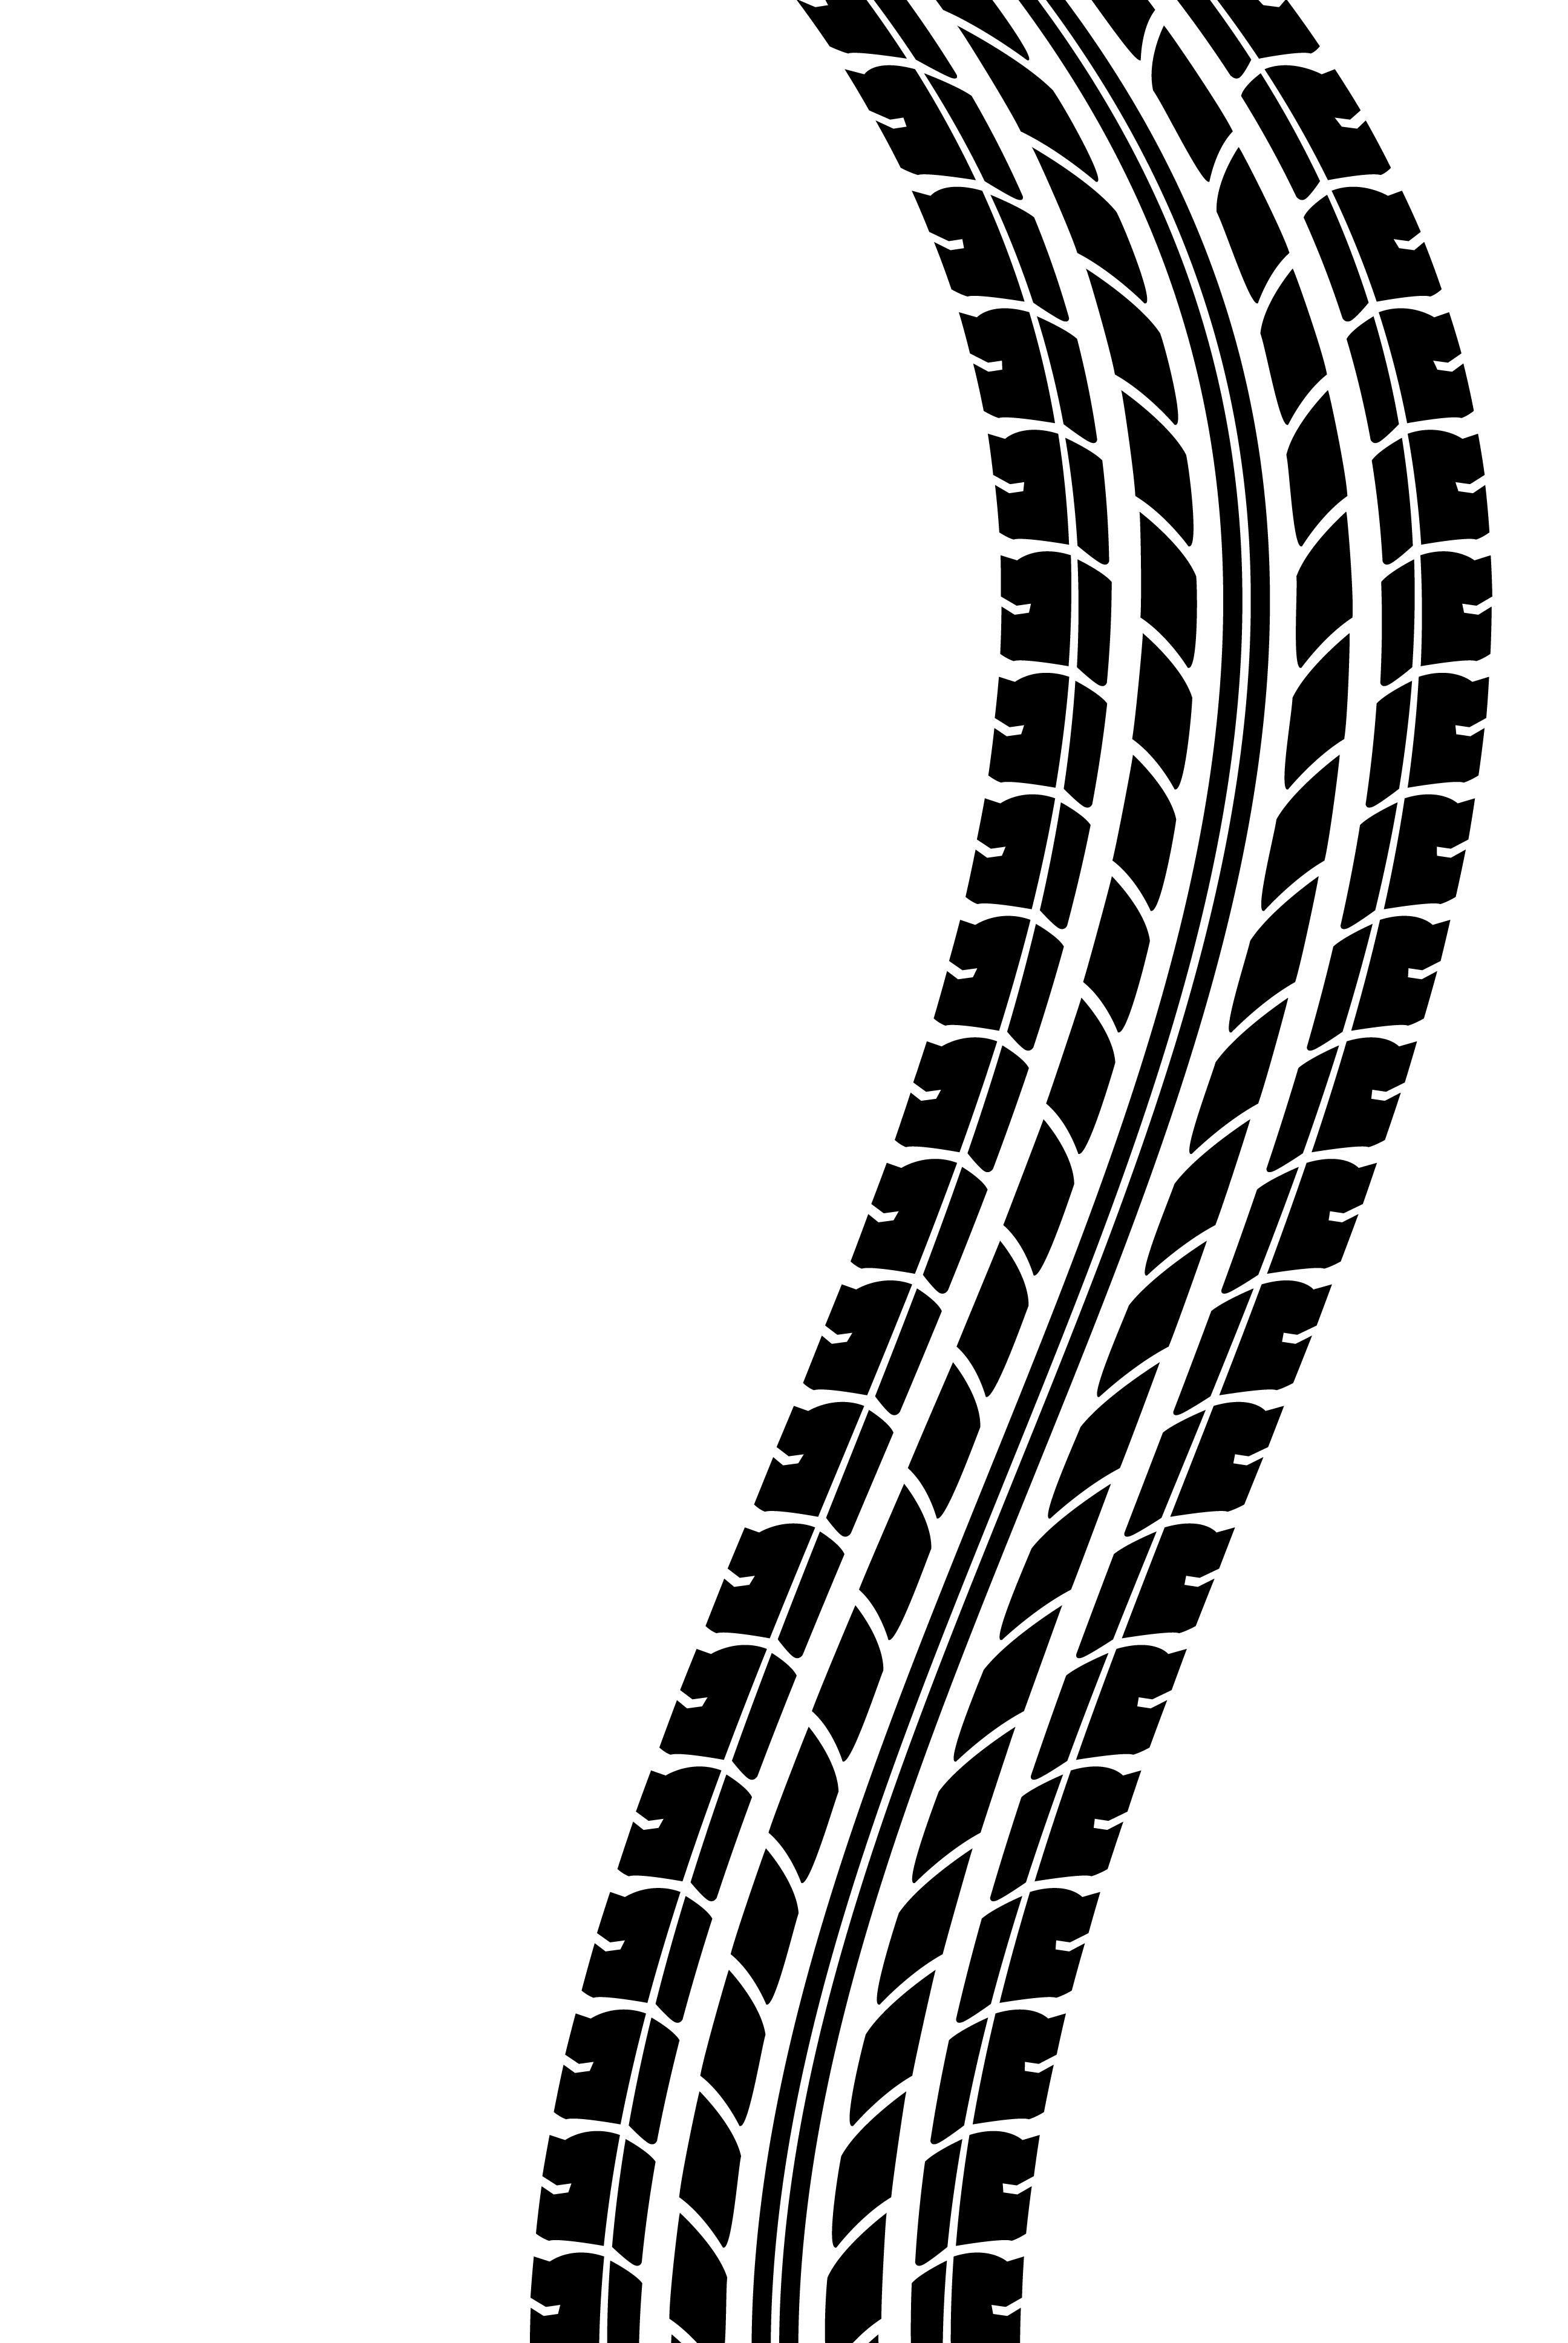 Tire Tracks Clip Art Cliparts Co